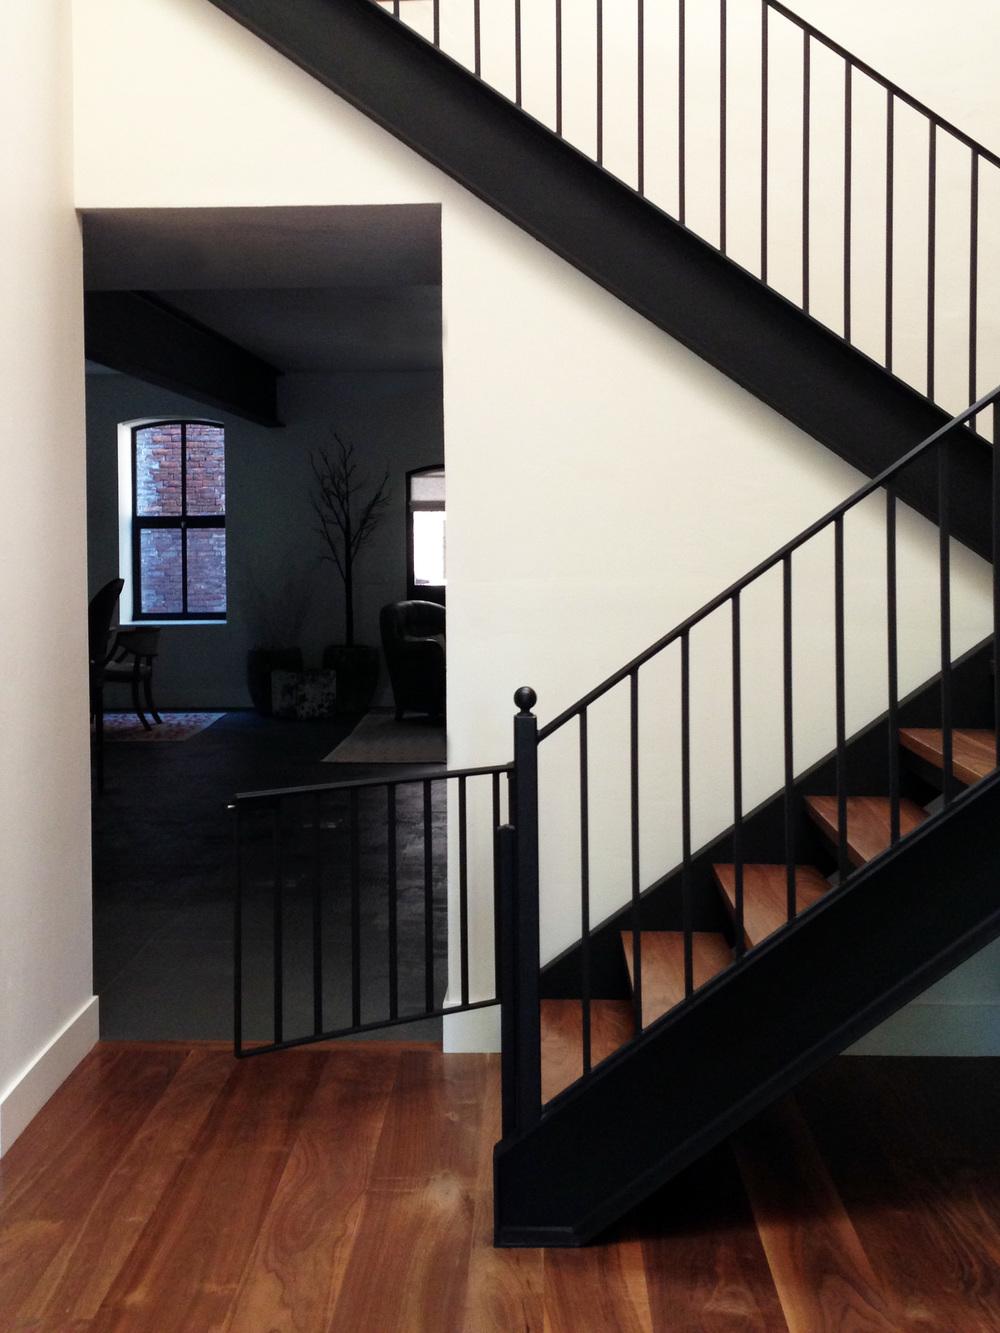 261_Stairs 4.jpg